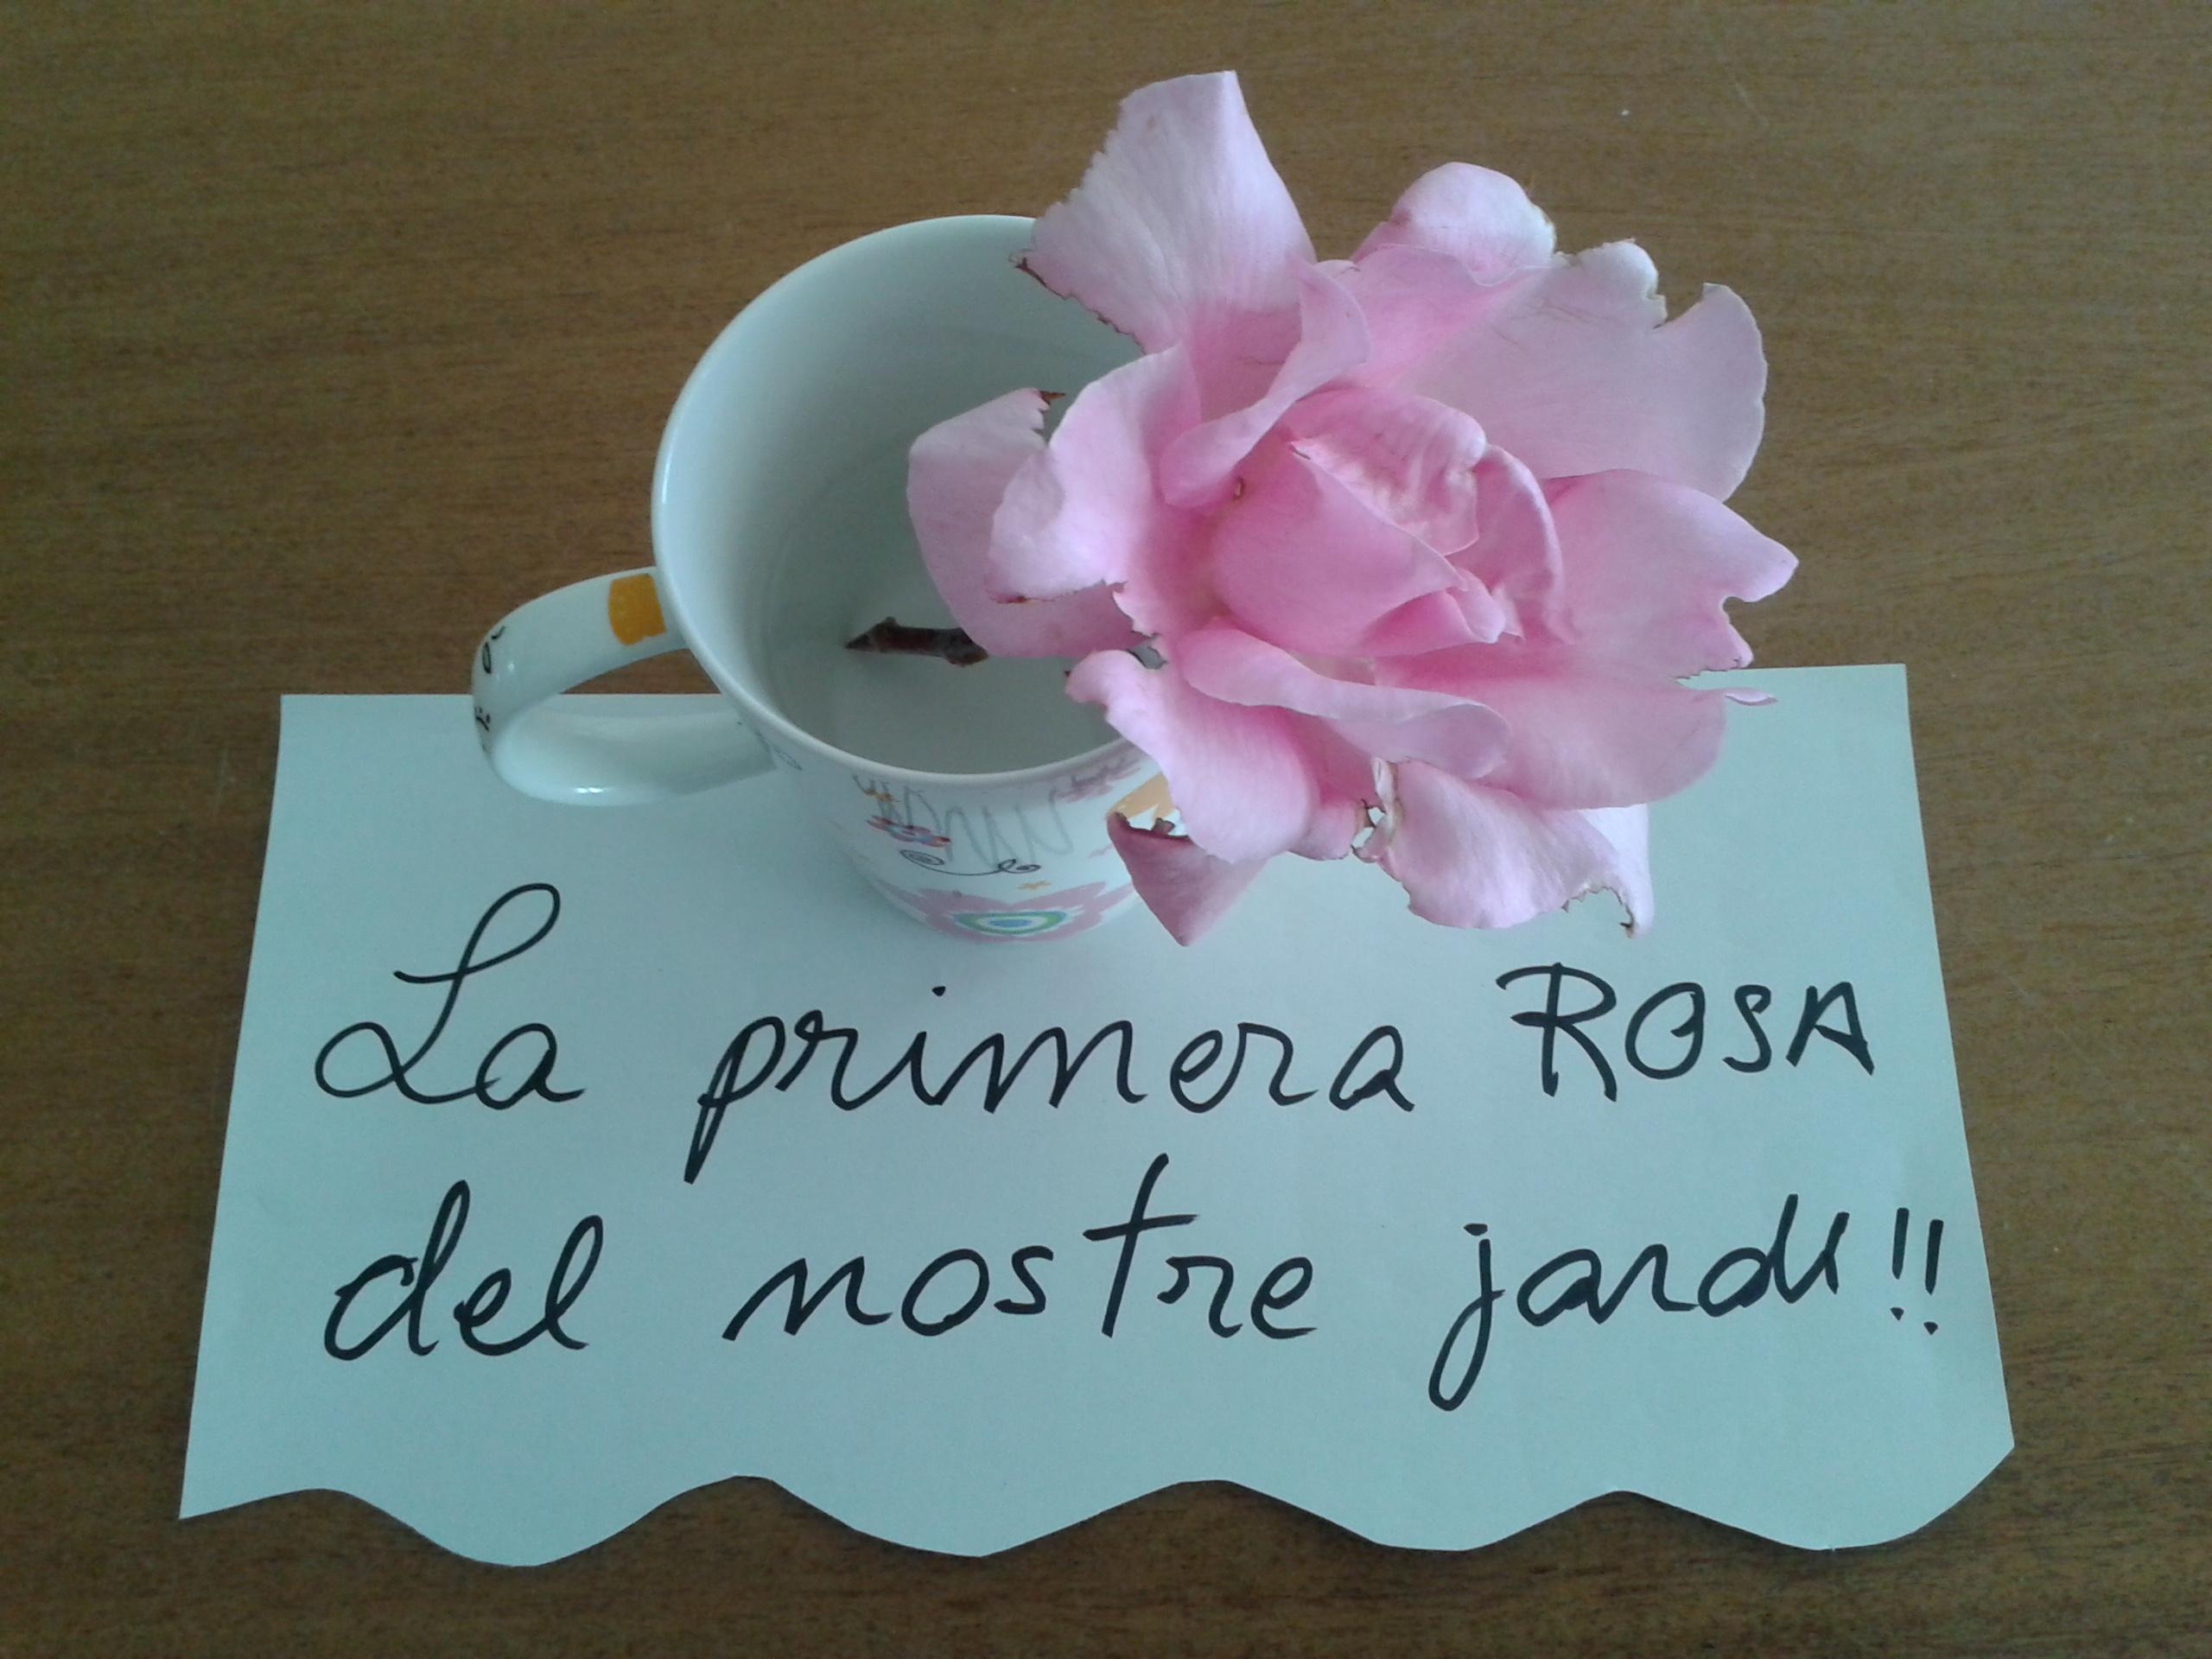 la nostra primera rosa